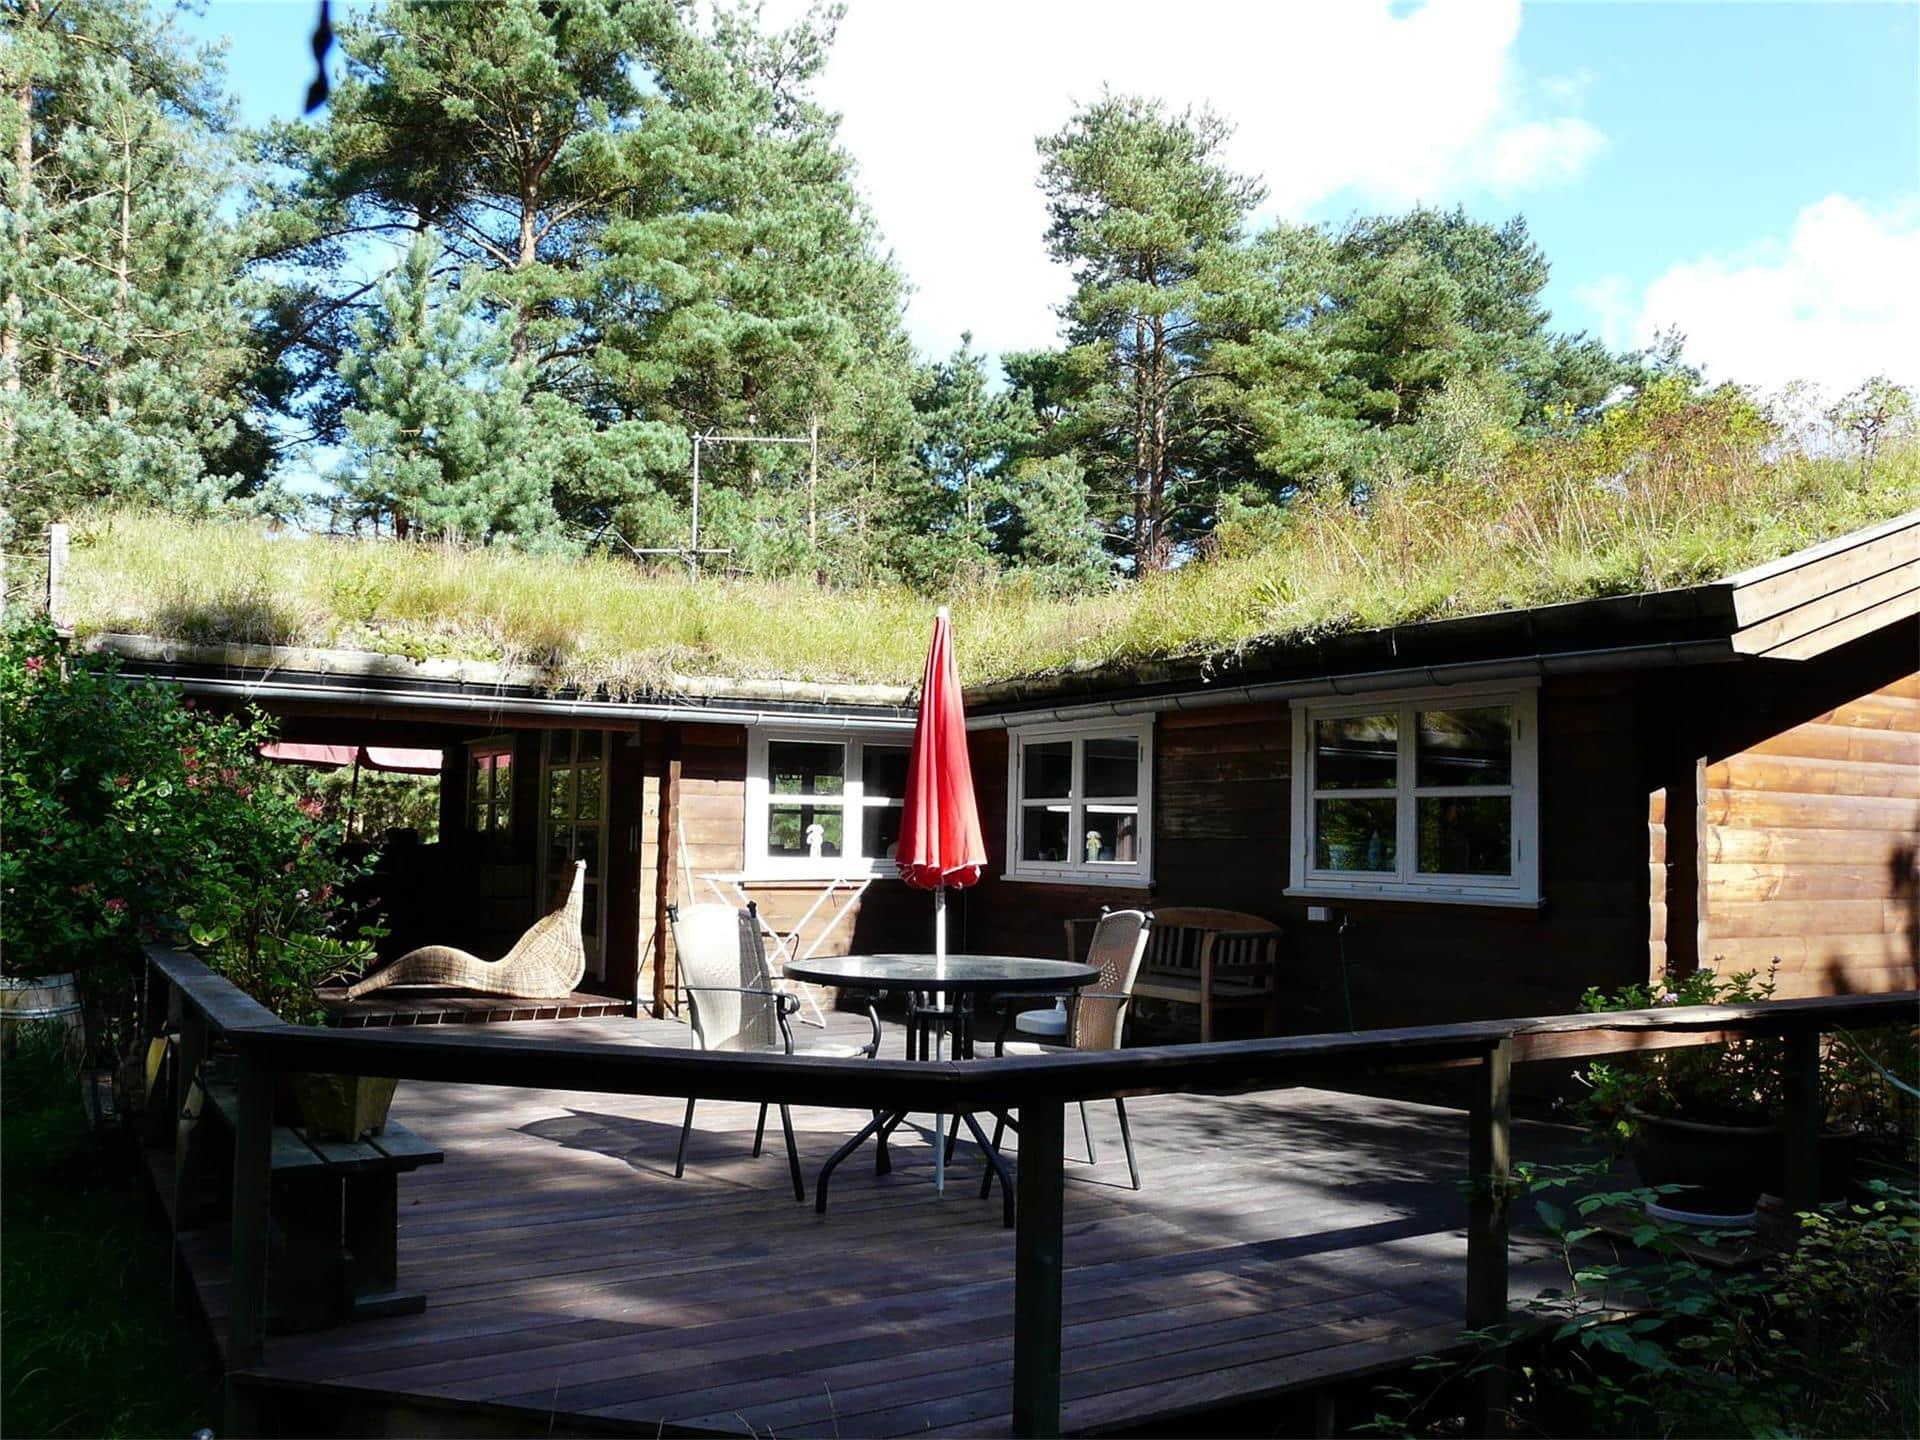 Afbeelding 1-17 Vakantiehuis 11145, Skovvænget 37, DK - 4500 Nykøbing Sj